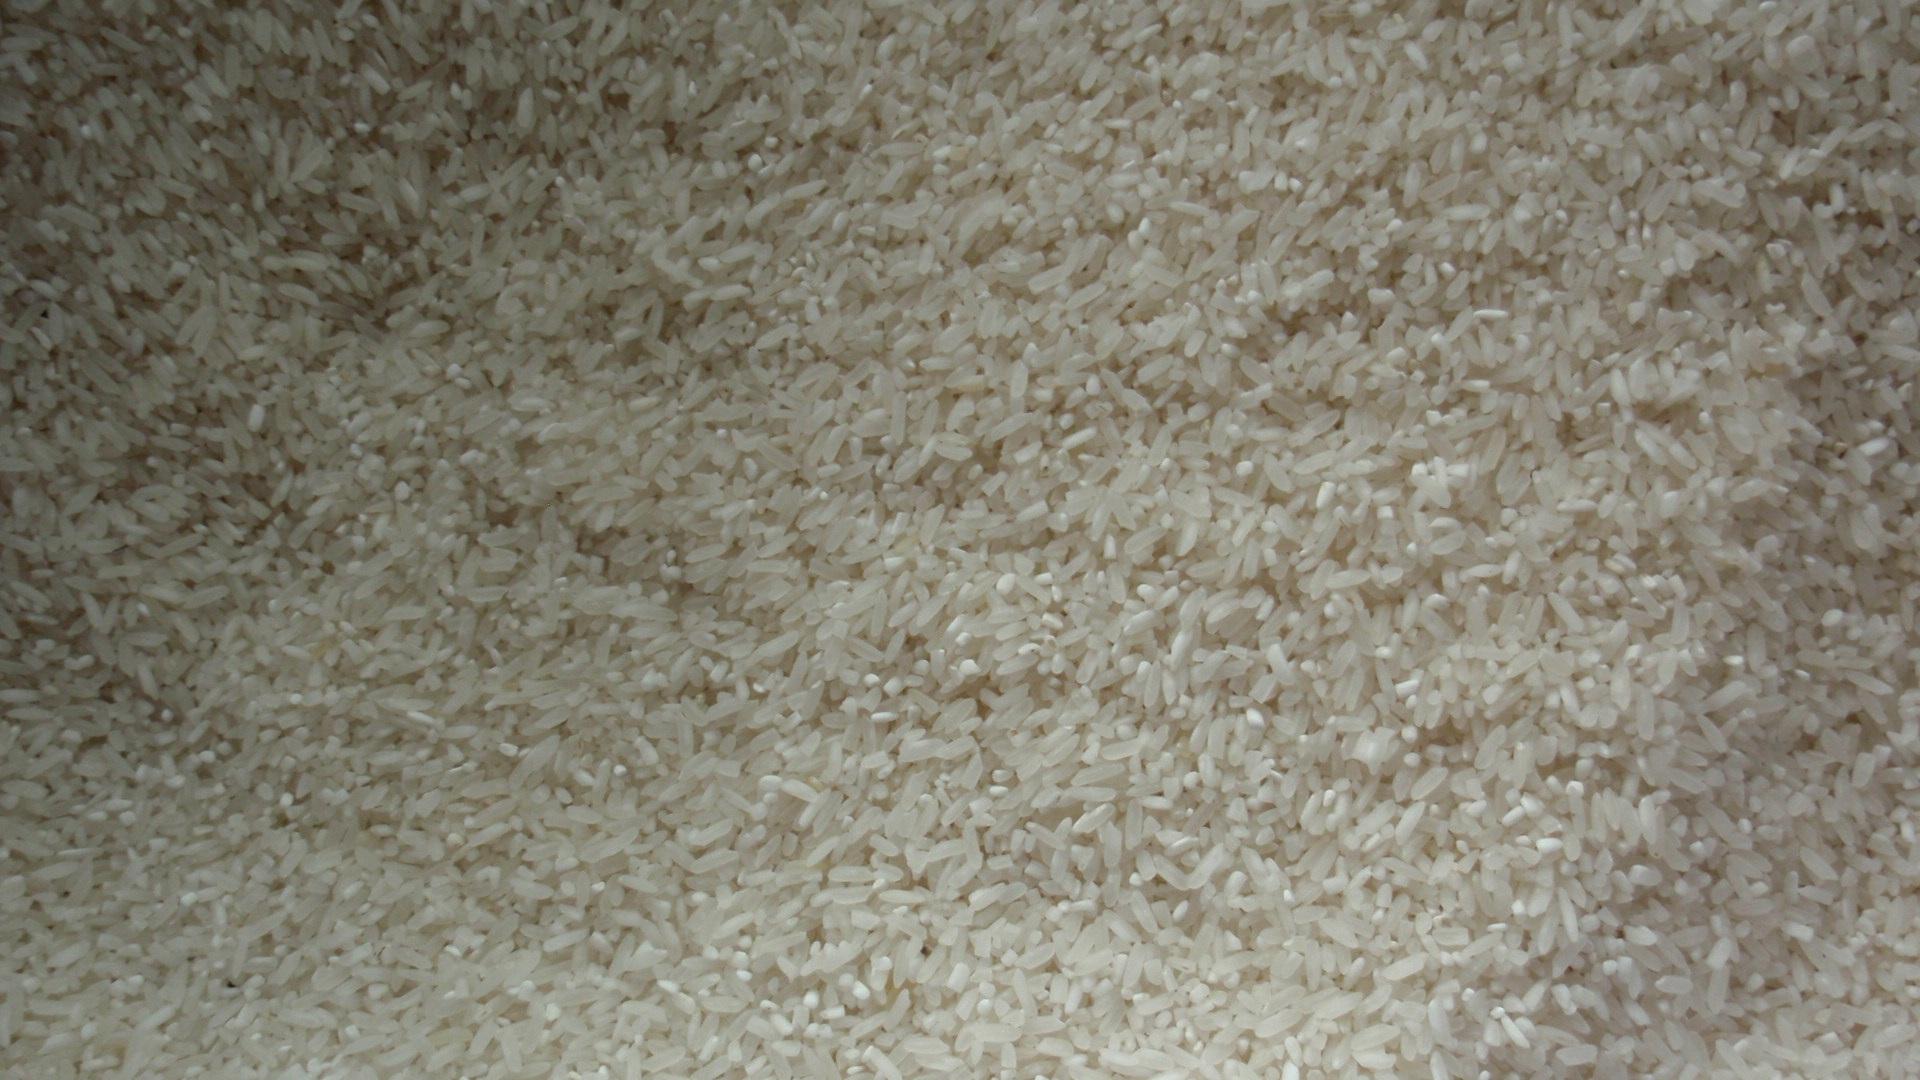 Fotos gratis : arena, blanco, piso, asiático, cocina, azulejo, arroz ...